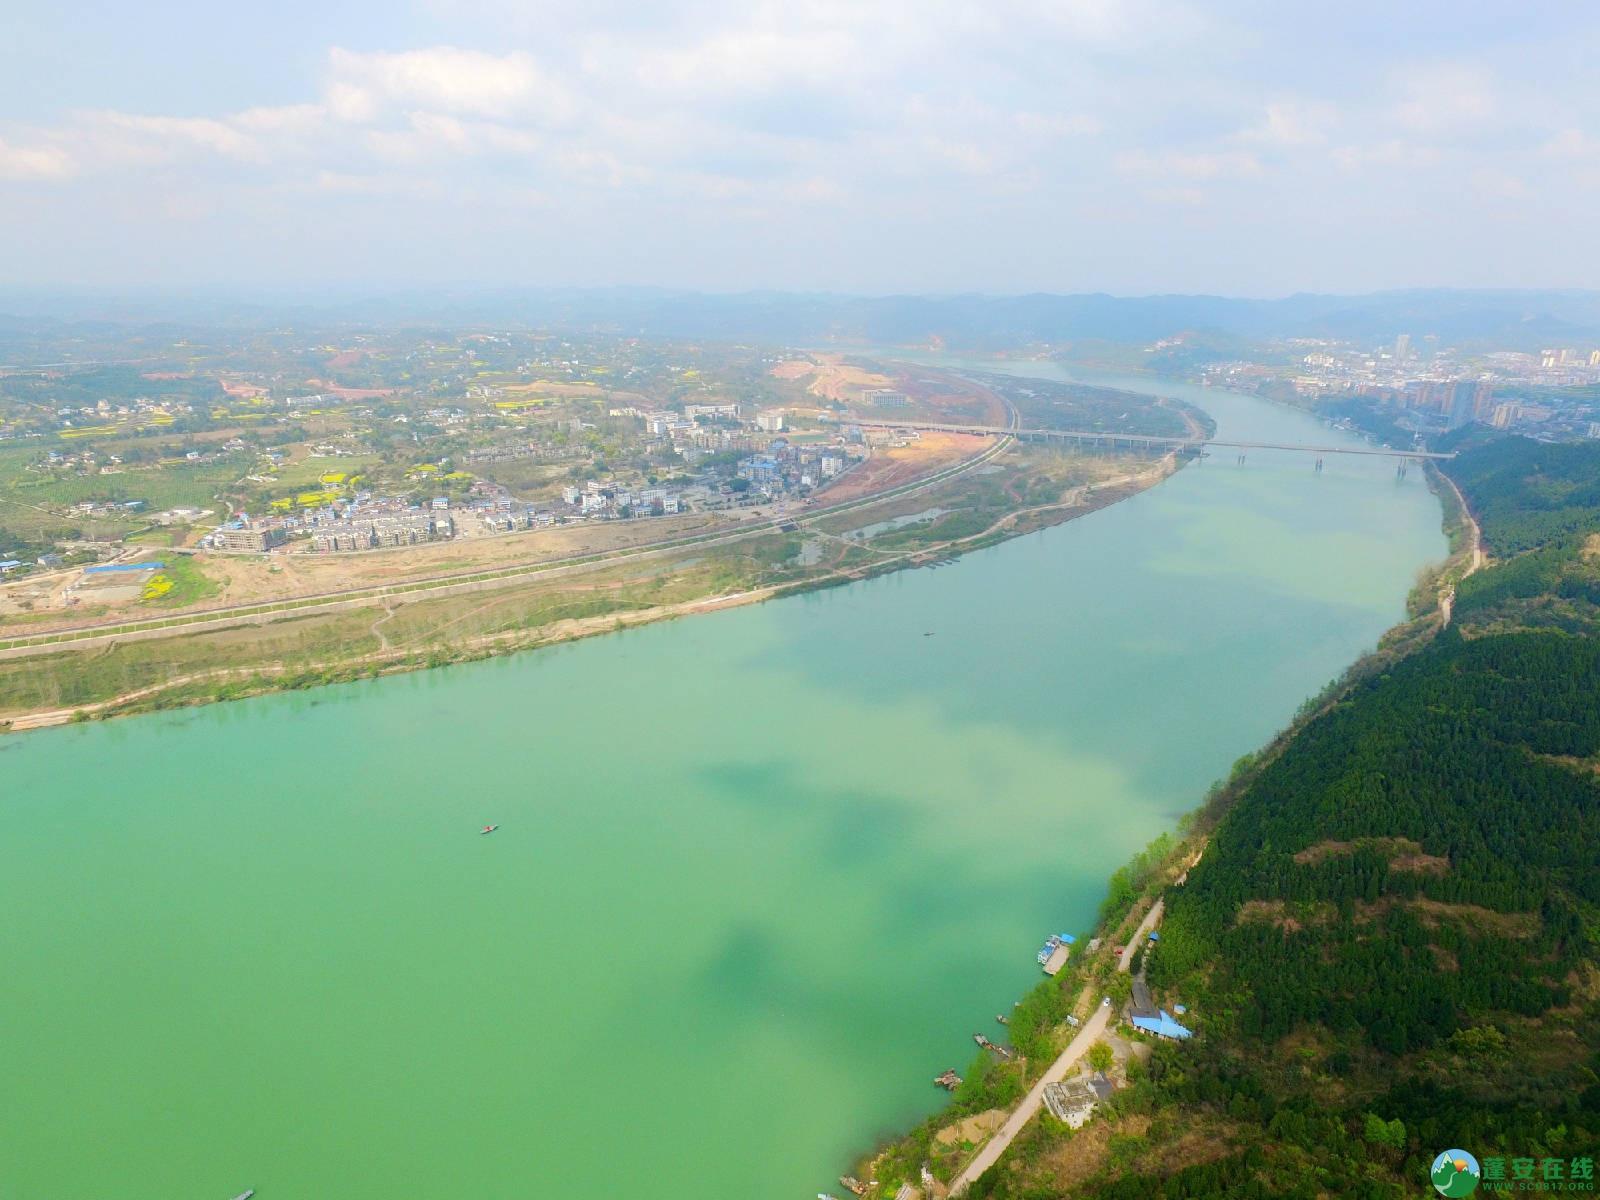 蓬安嘉陵江三桥新进展(2019.3.18) - 第5张  | 蓬安在线